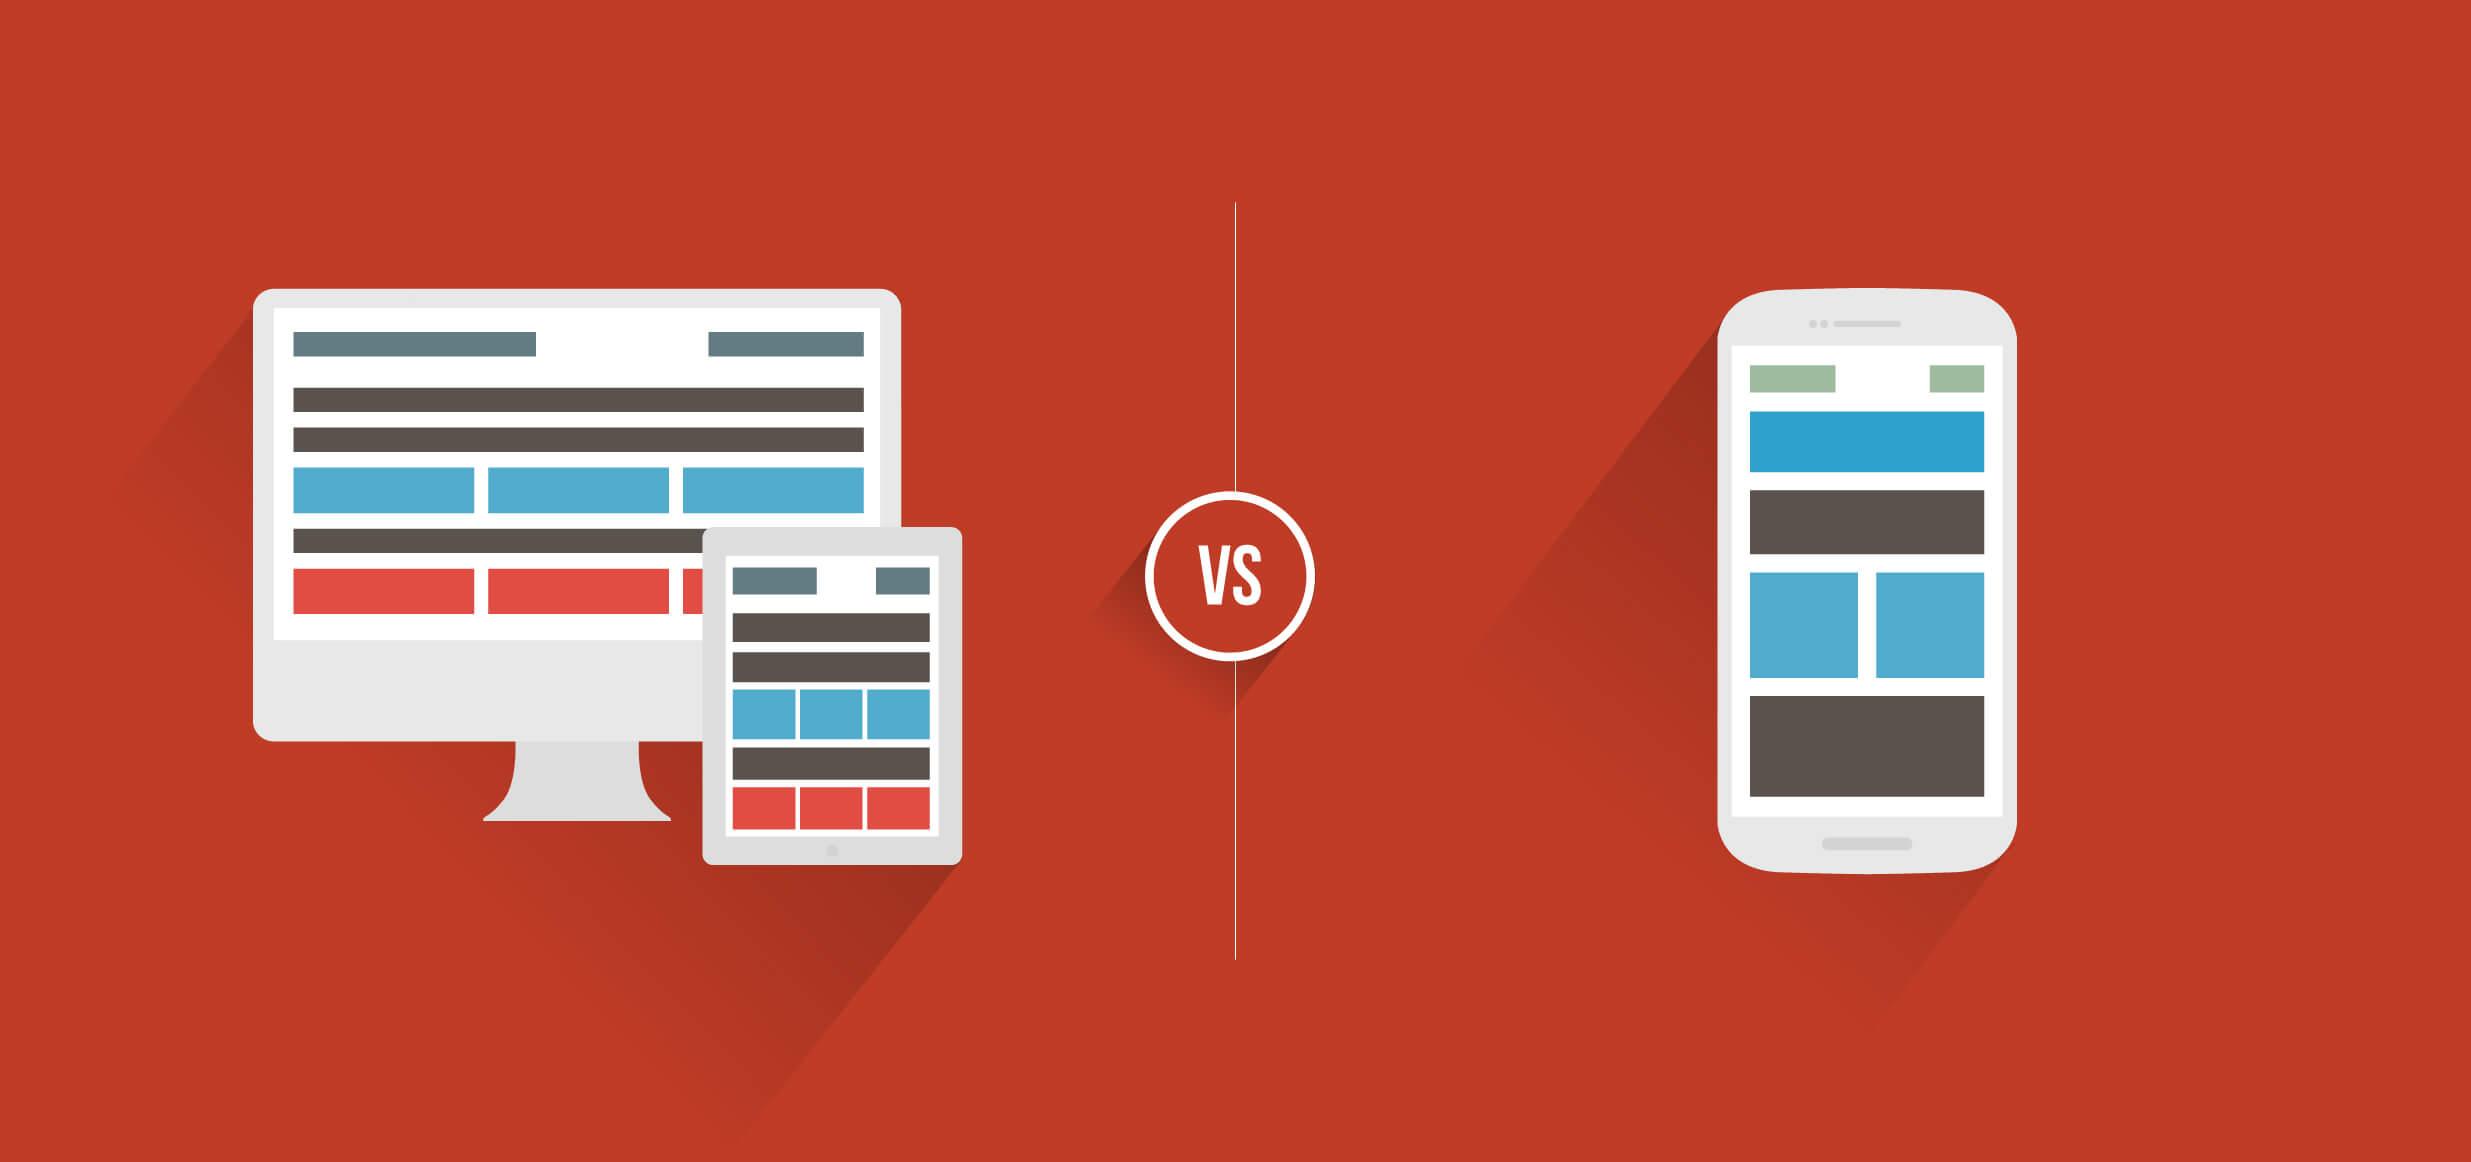 اصول طراحی وب برا تلفن